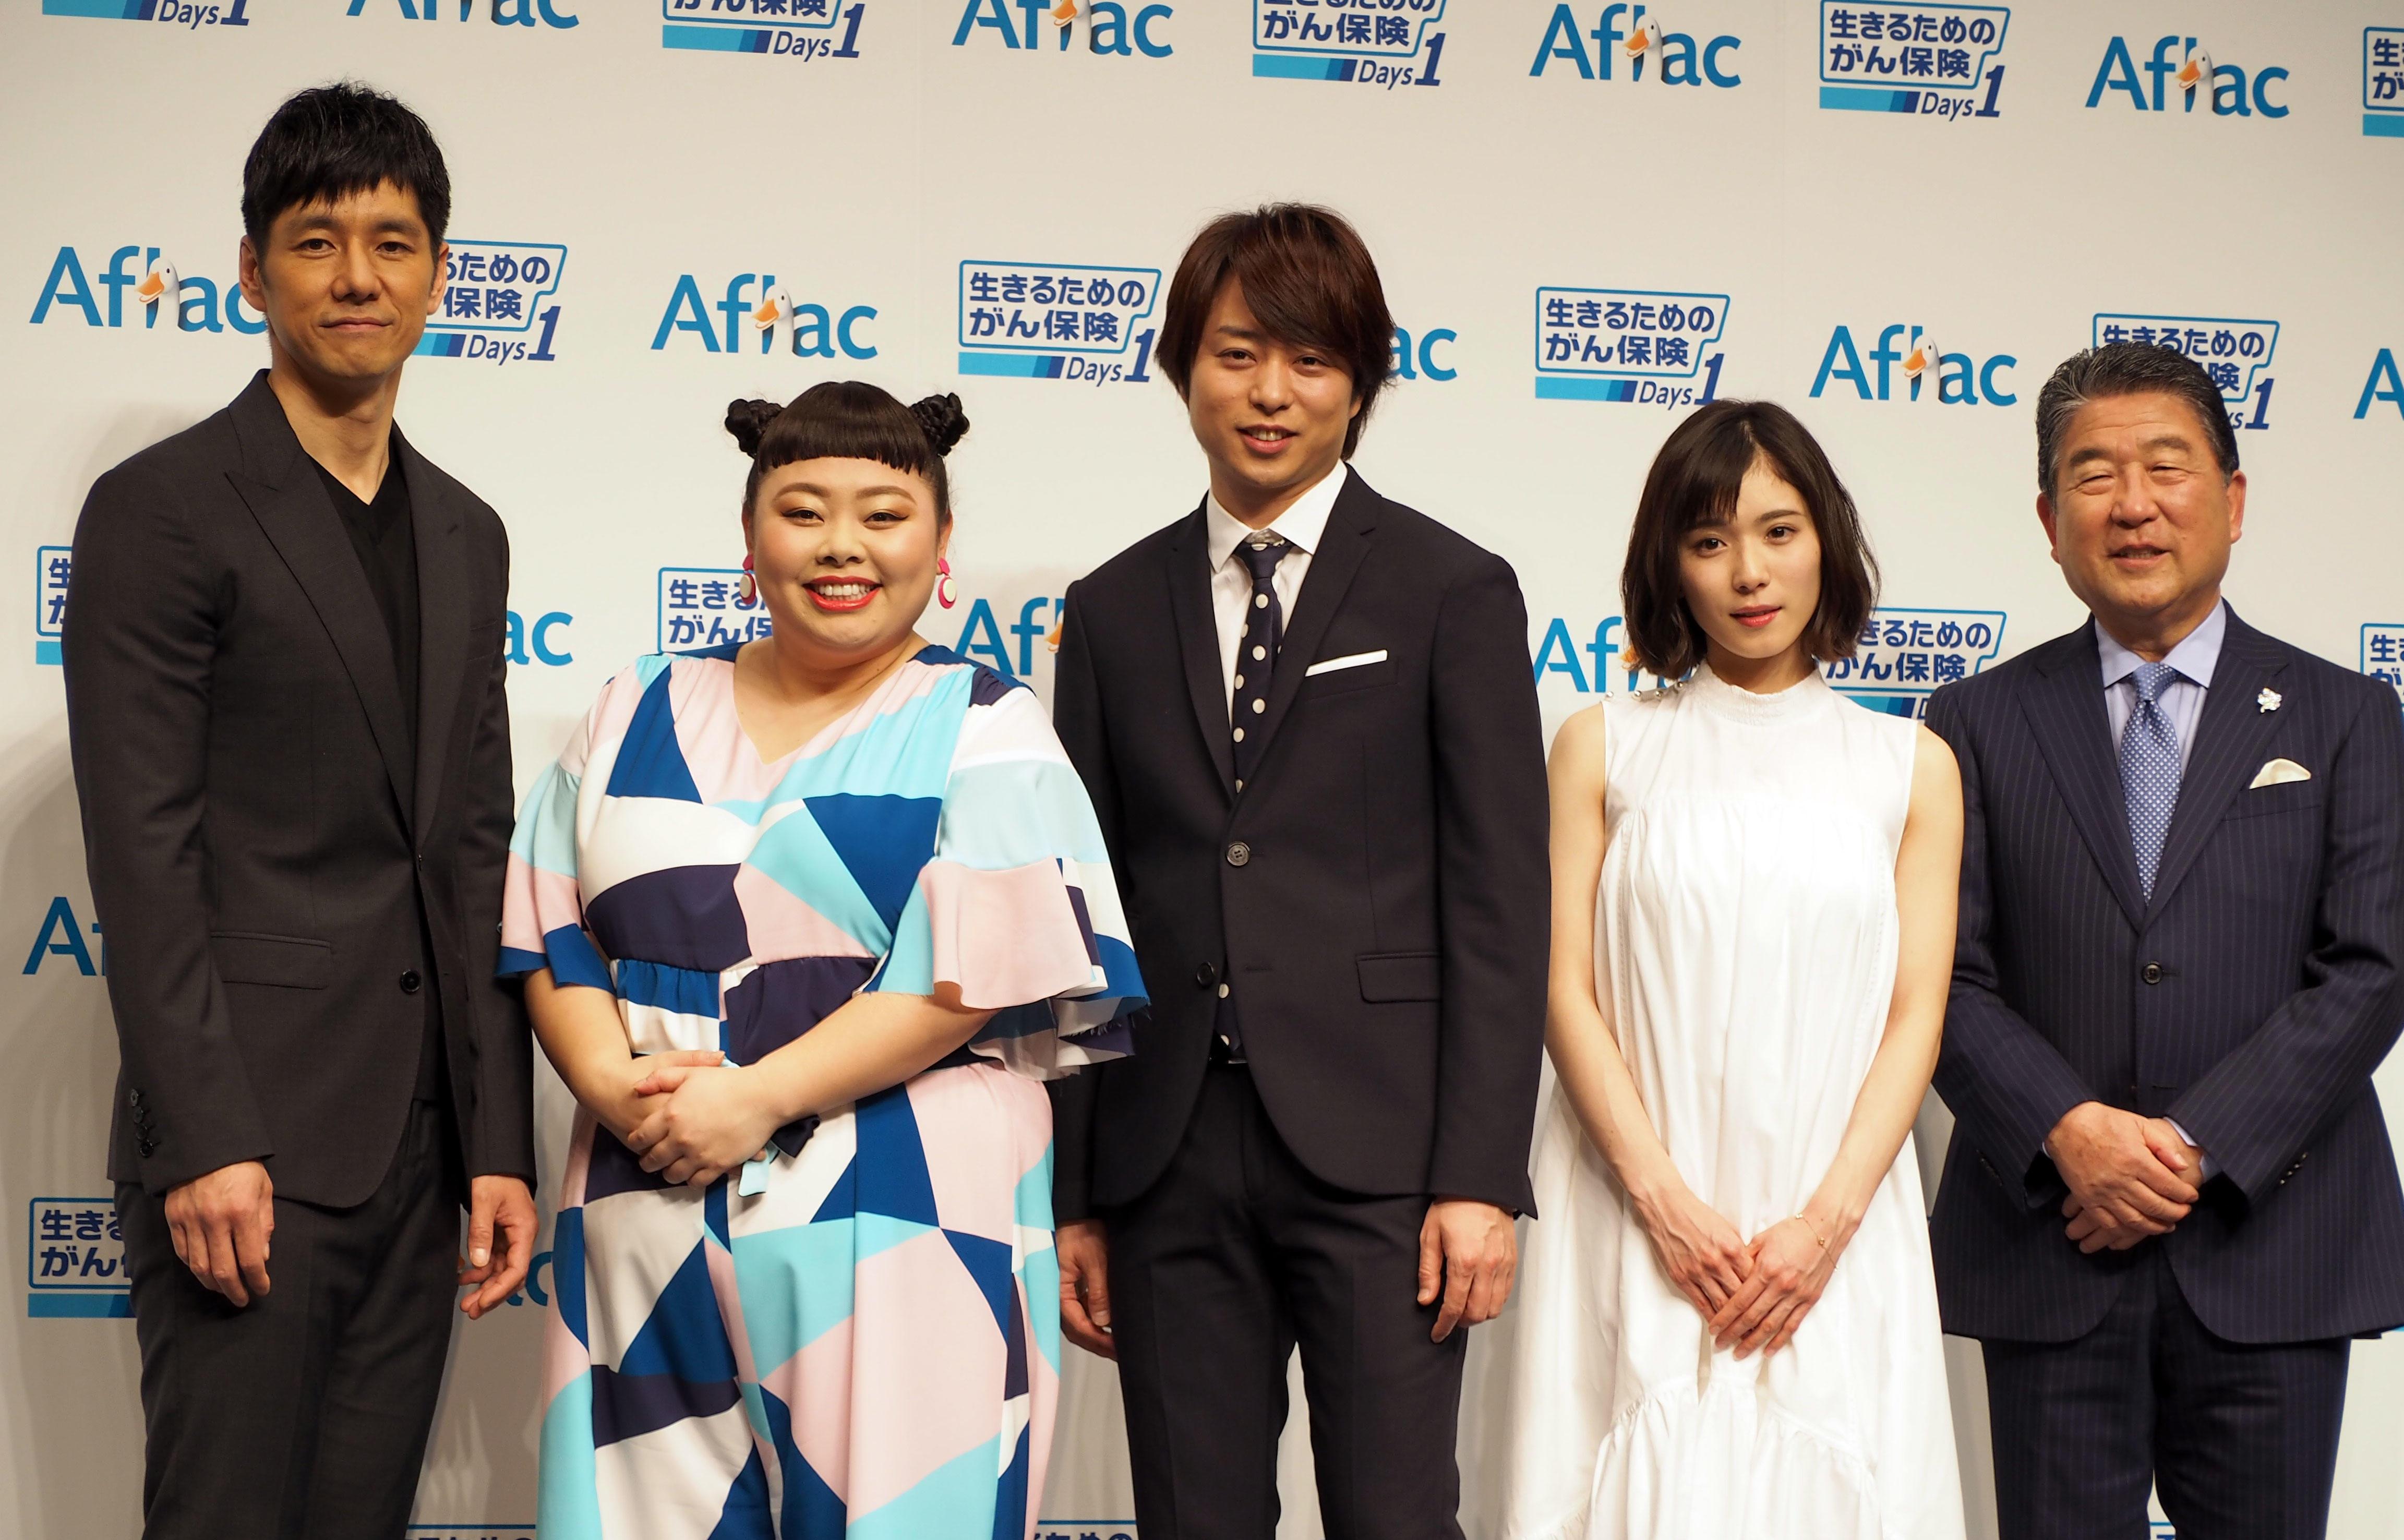 http://news.yoshimoto.co.jp/20180314185750-23d7b7ce7778c68e5cdf5fa5bd67341ea4249f03.jpg